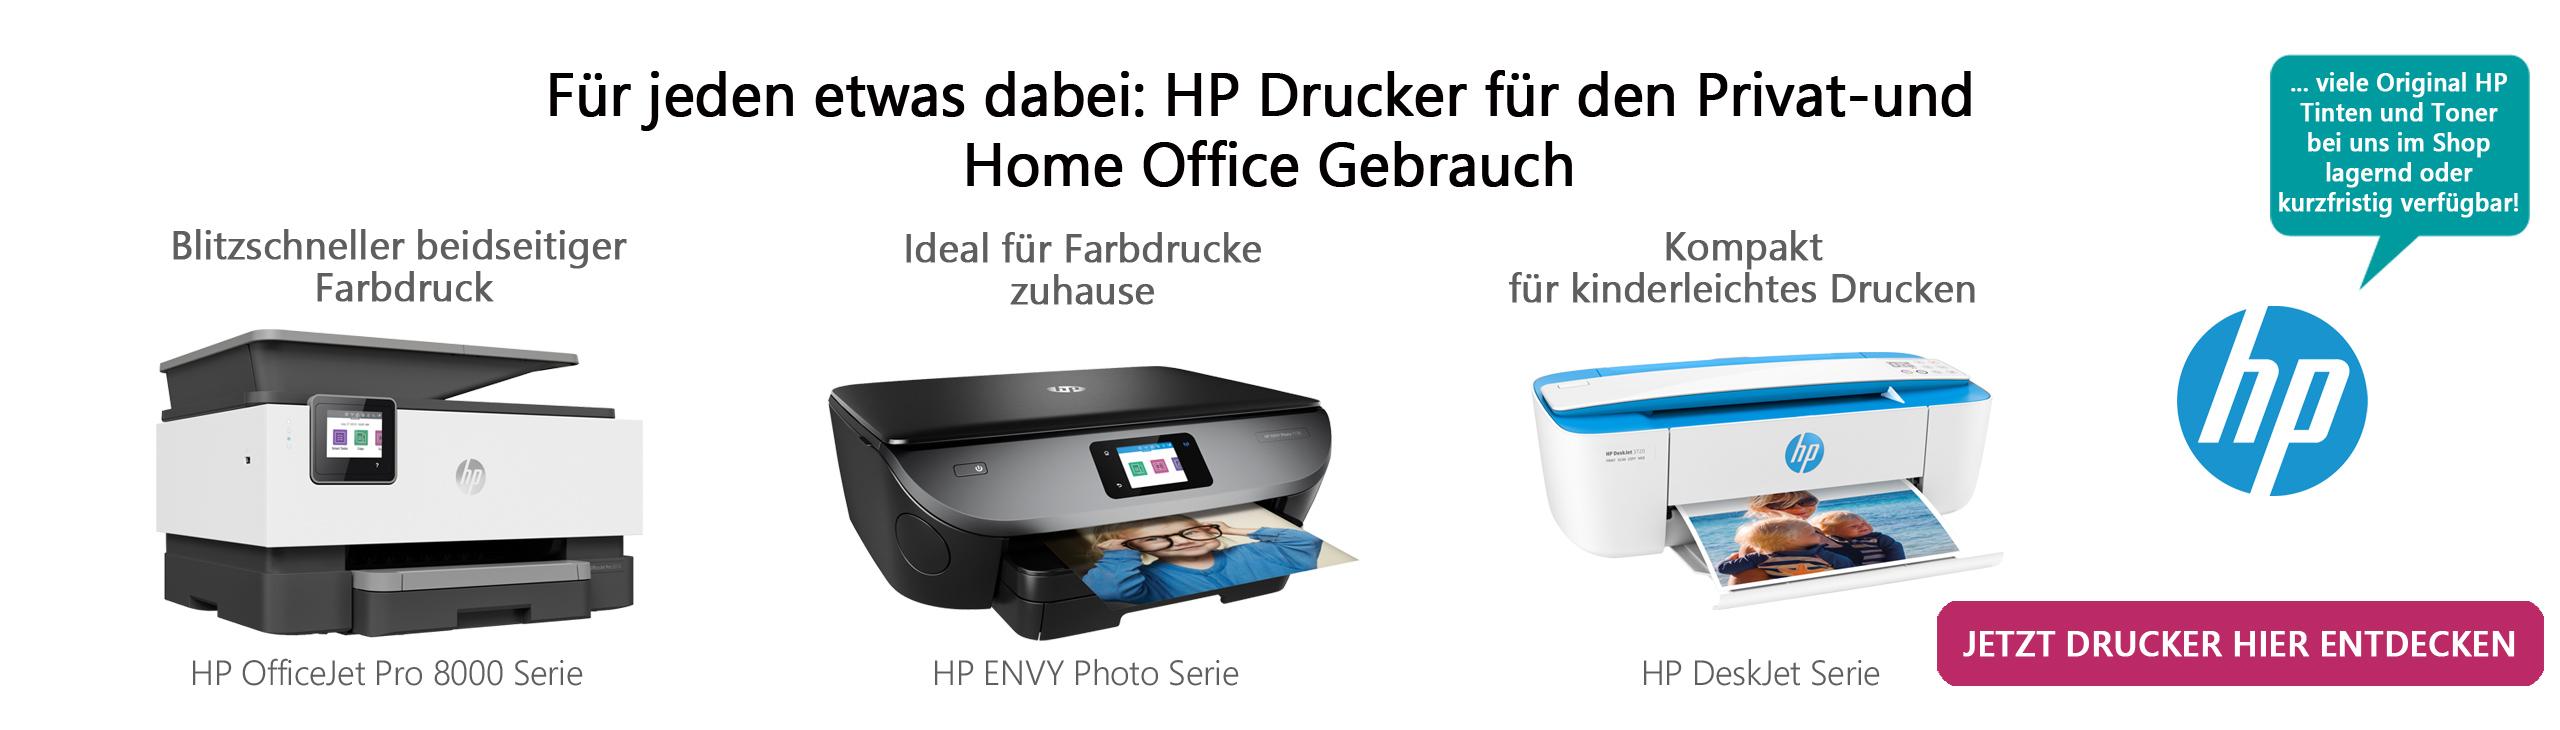 Banner HP Drucker